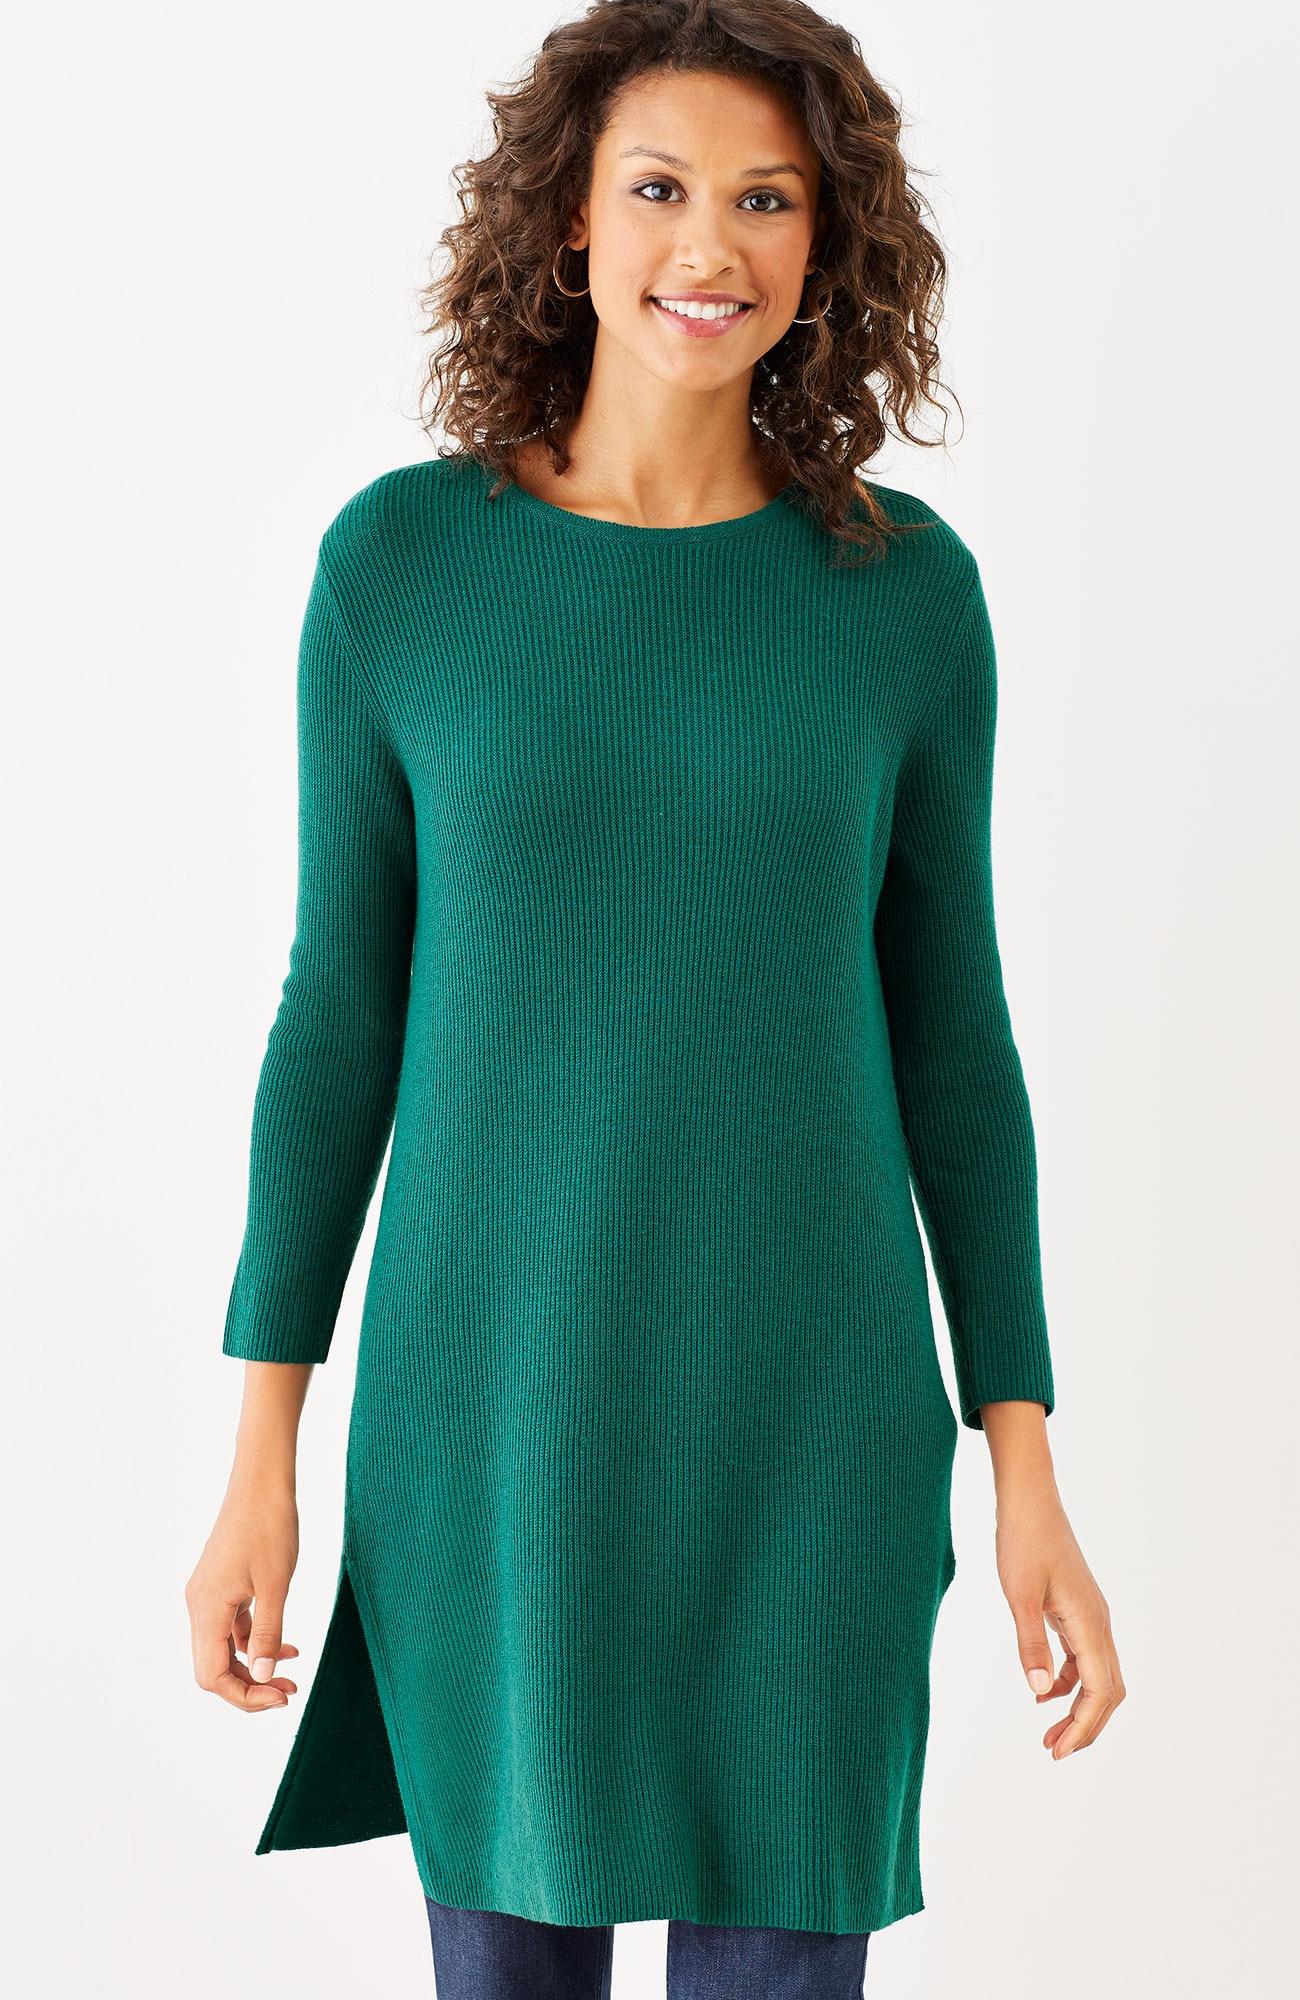 shaker-stitch tunic